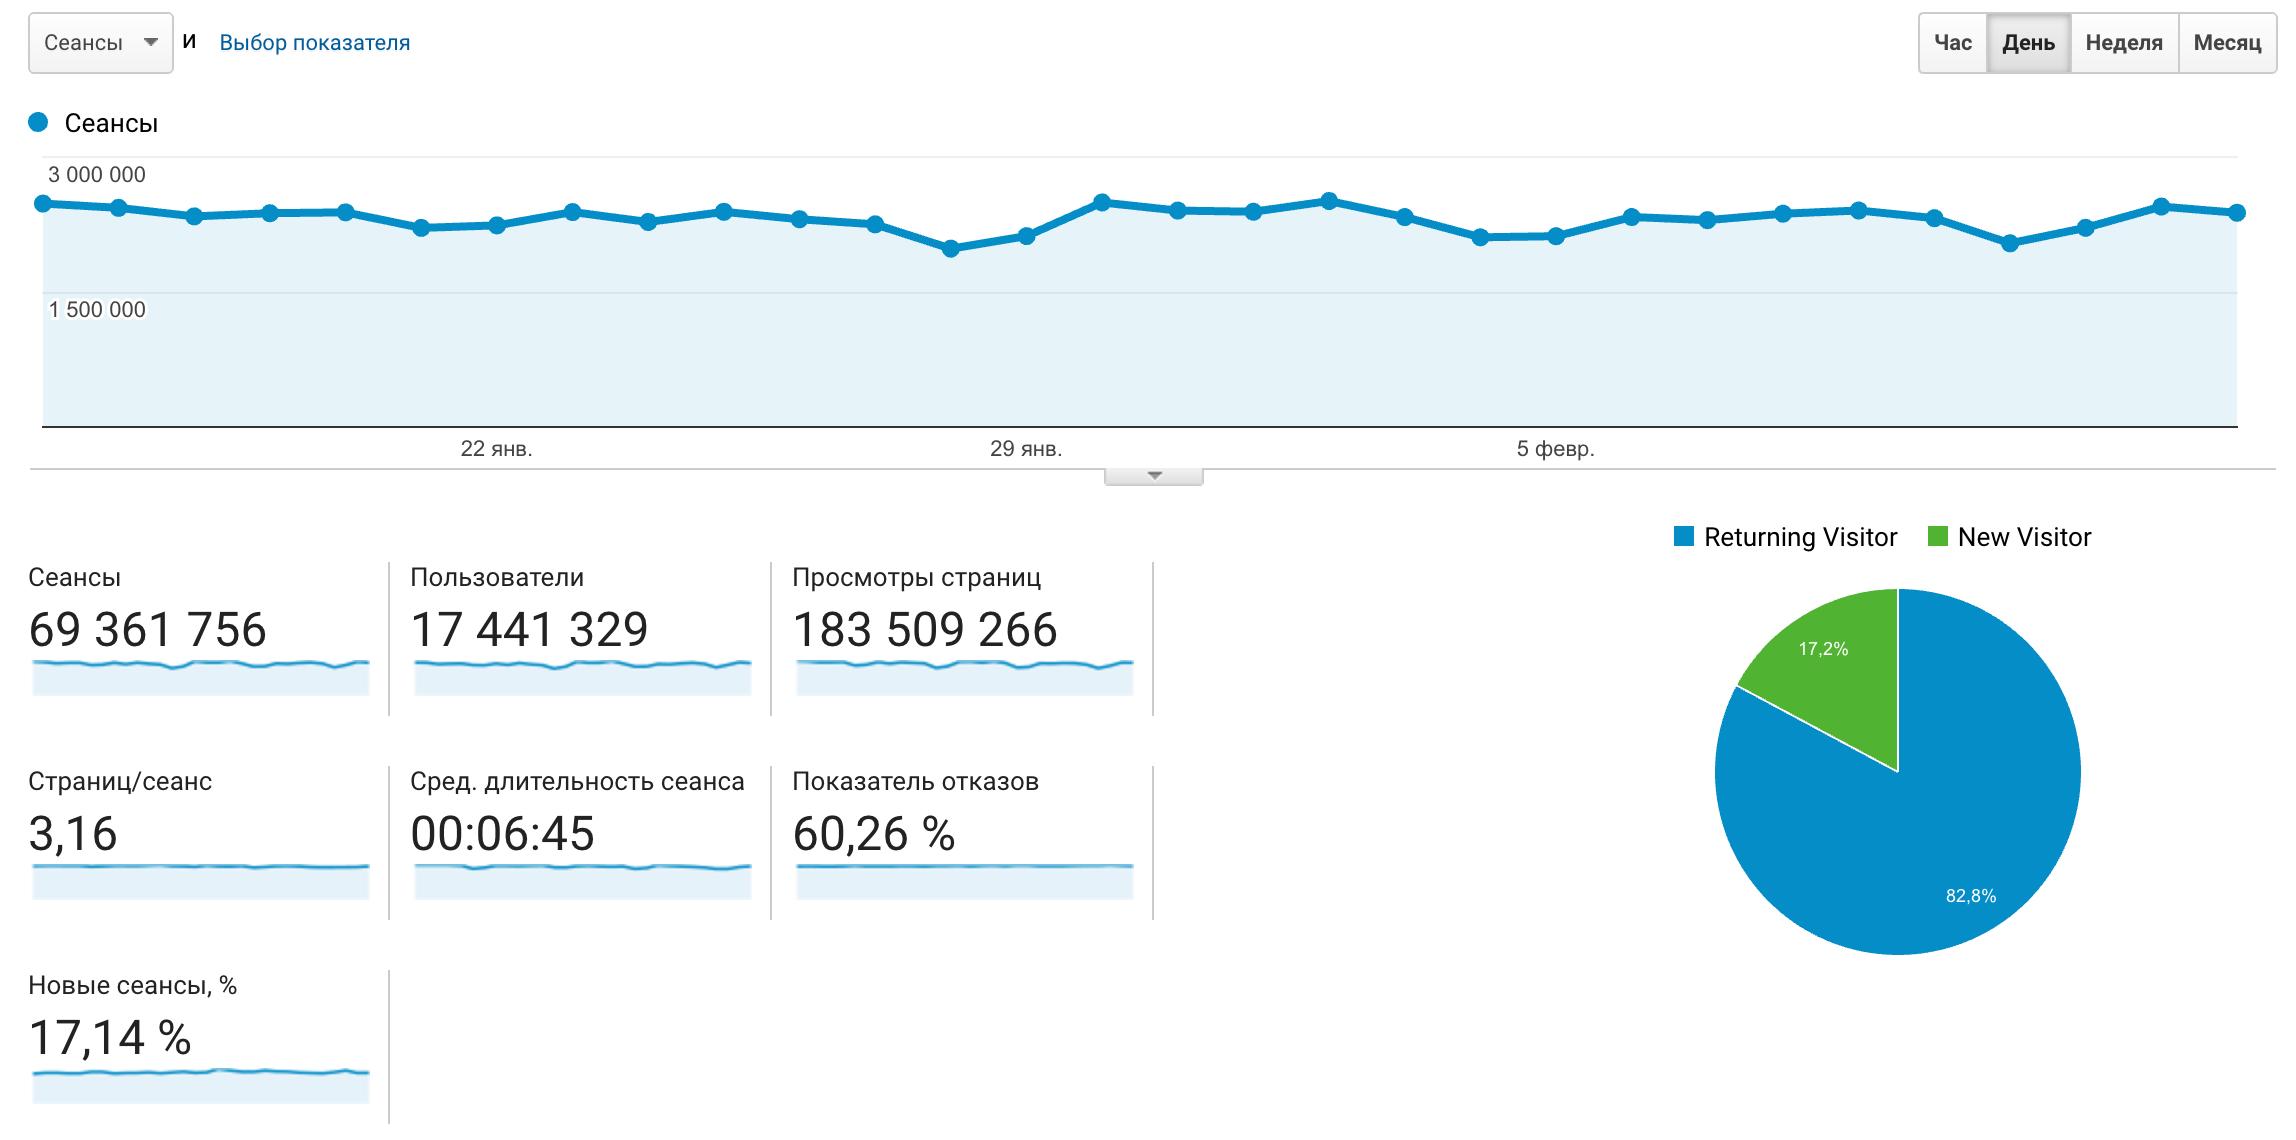 Куда подать рекламу статистика сочинение-реклама товара